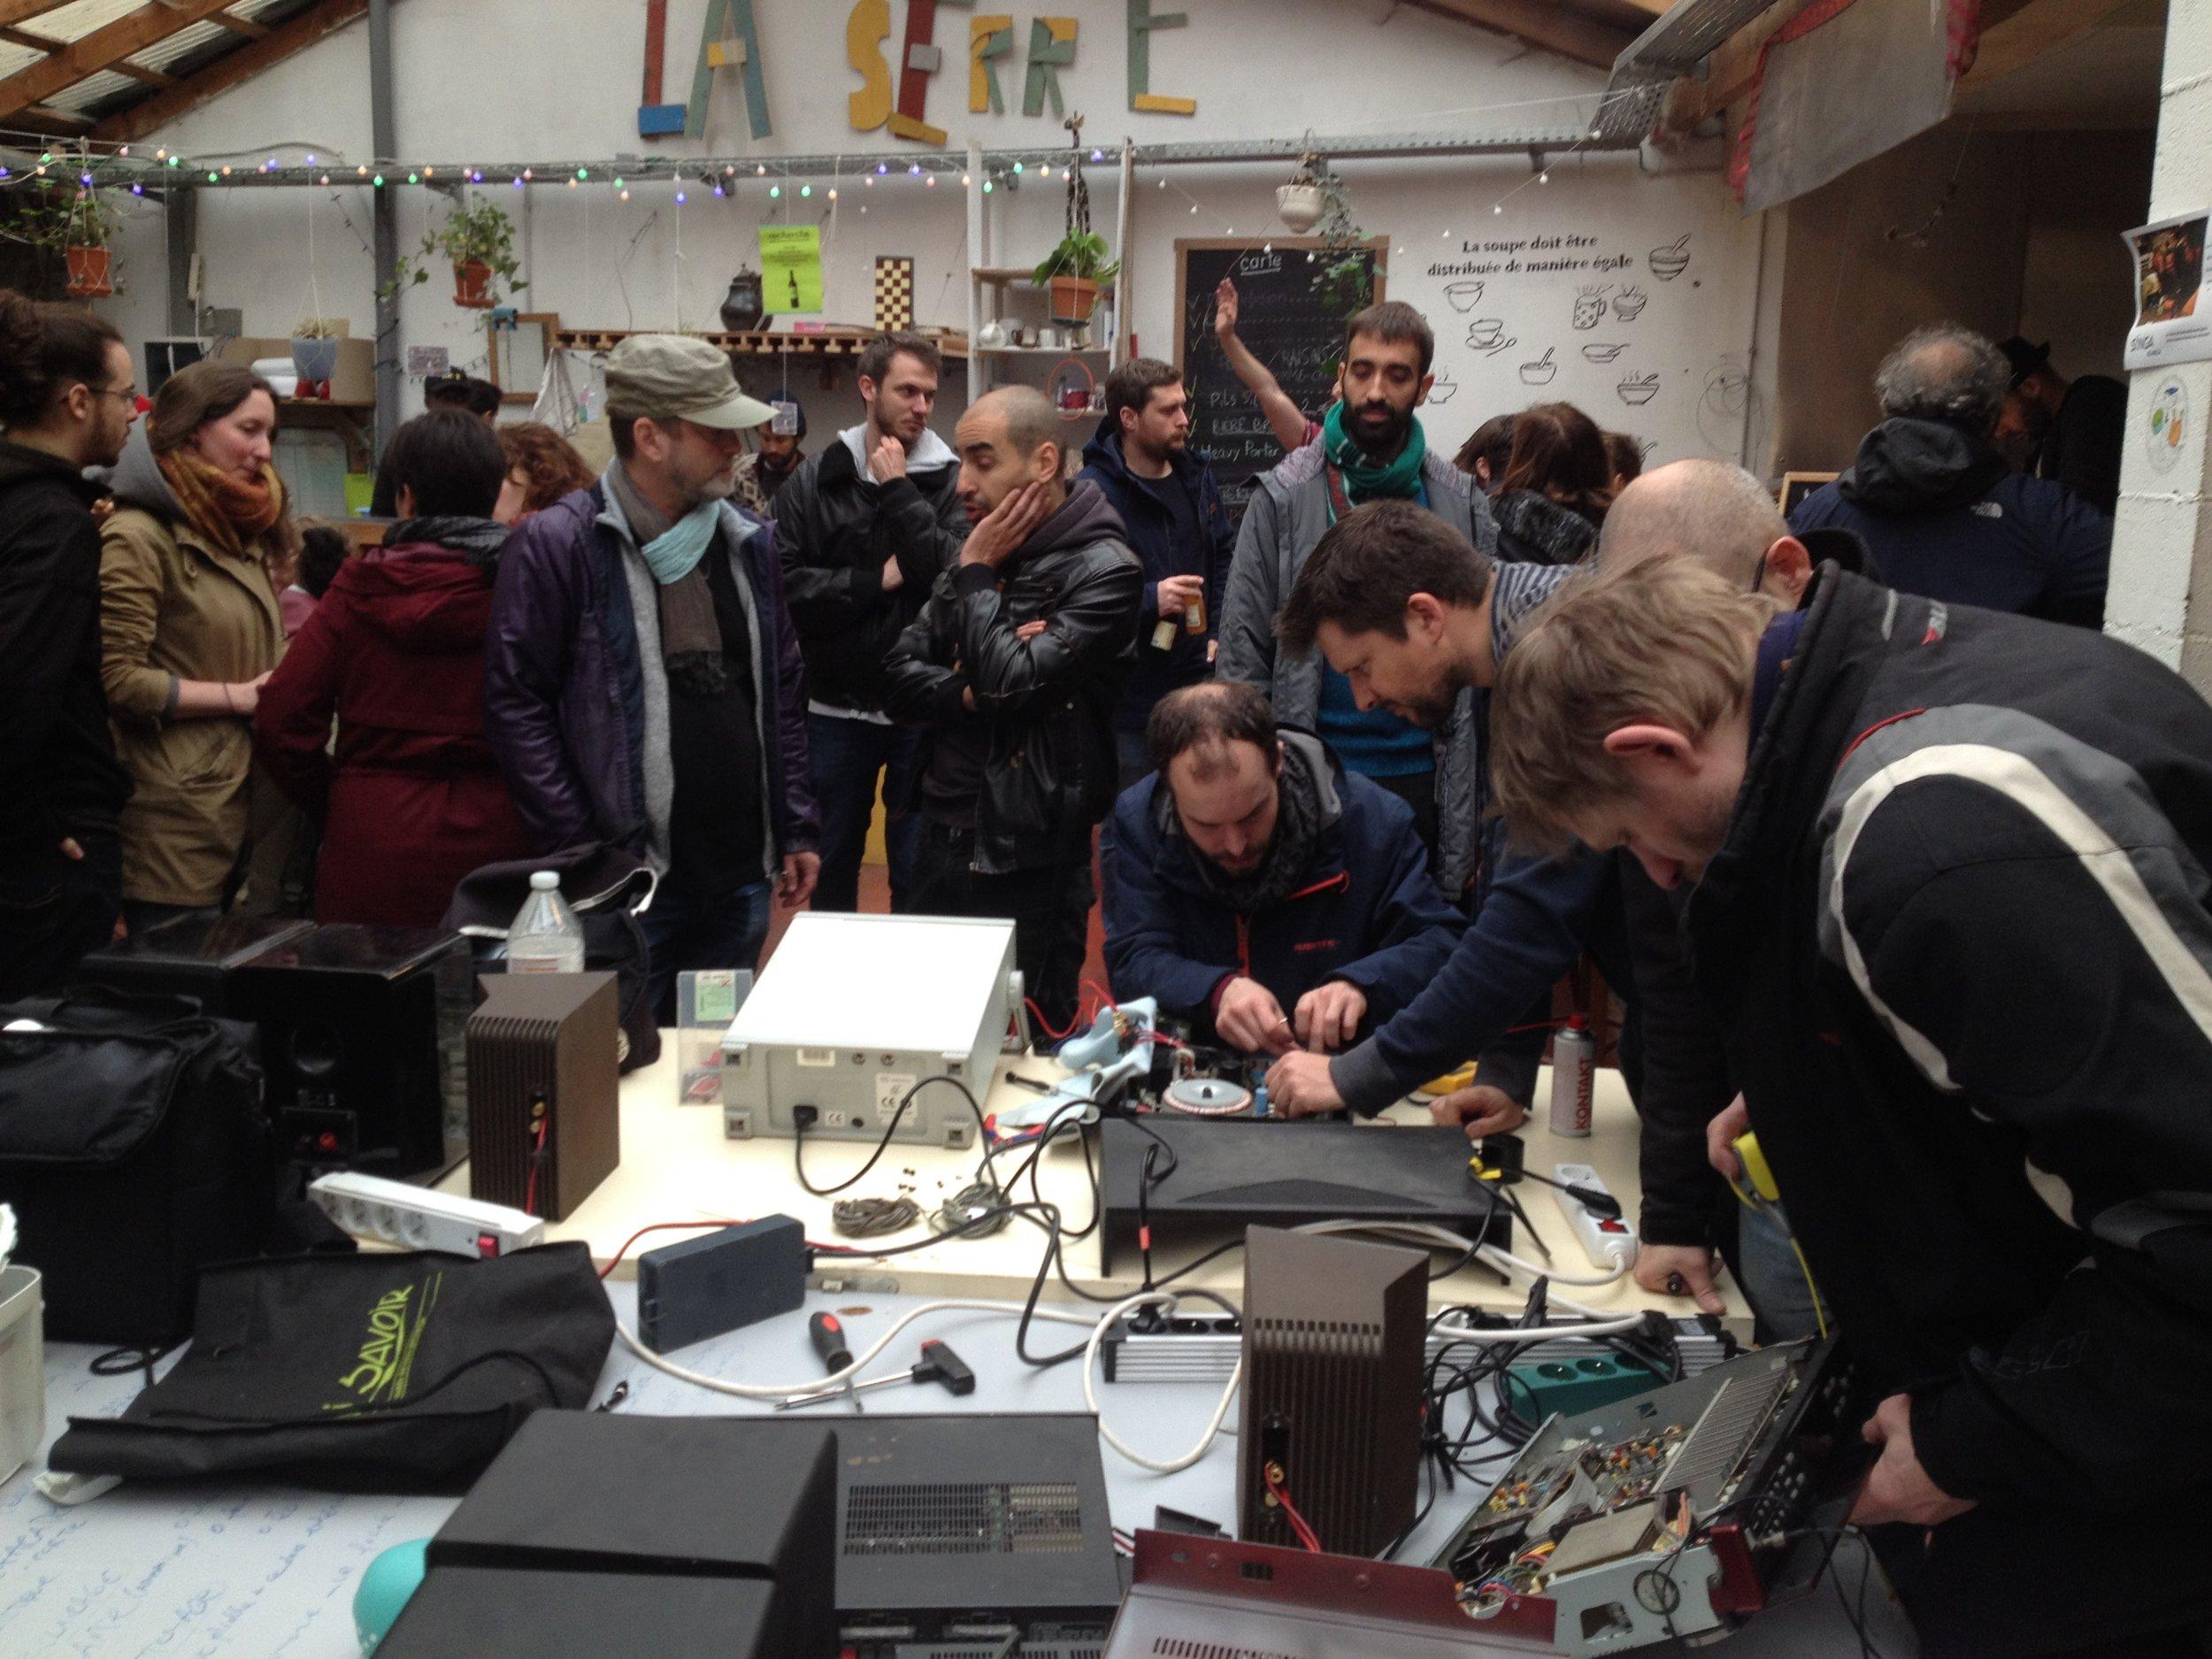 Street Party in Rue Gray, Ixelles - 29/4